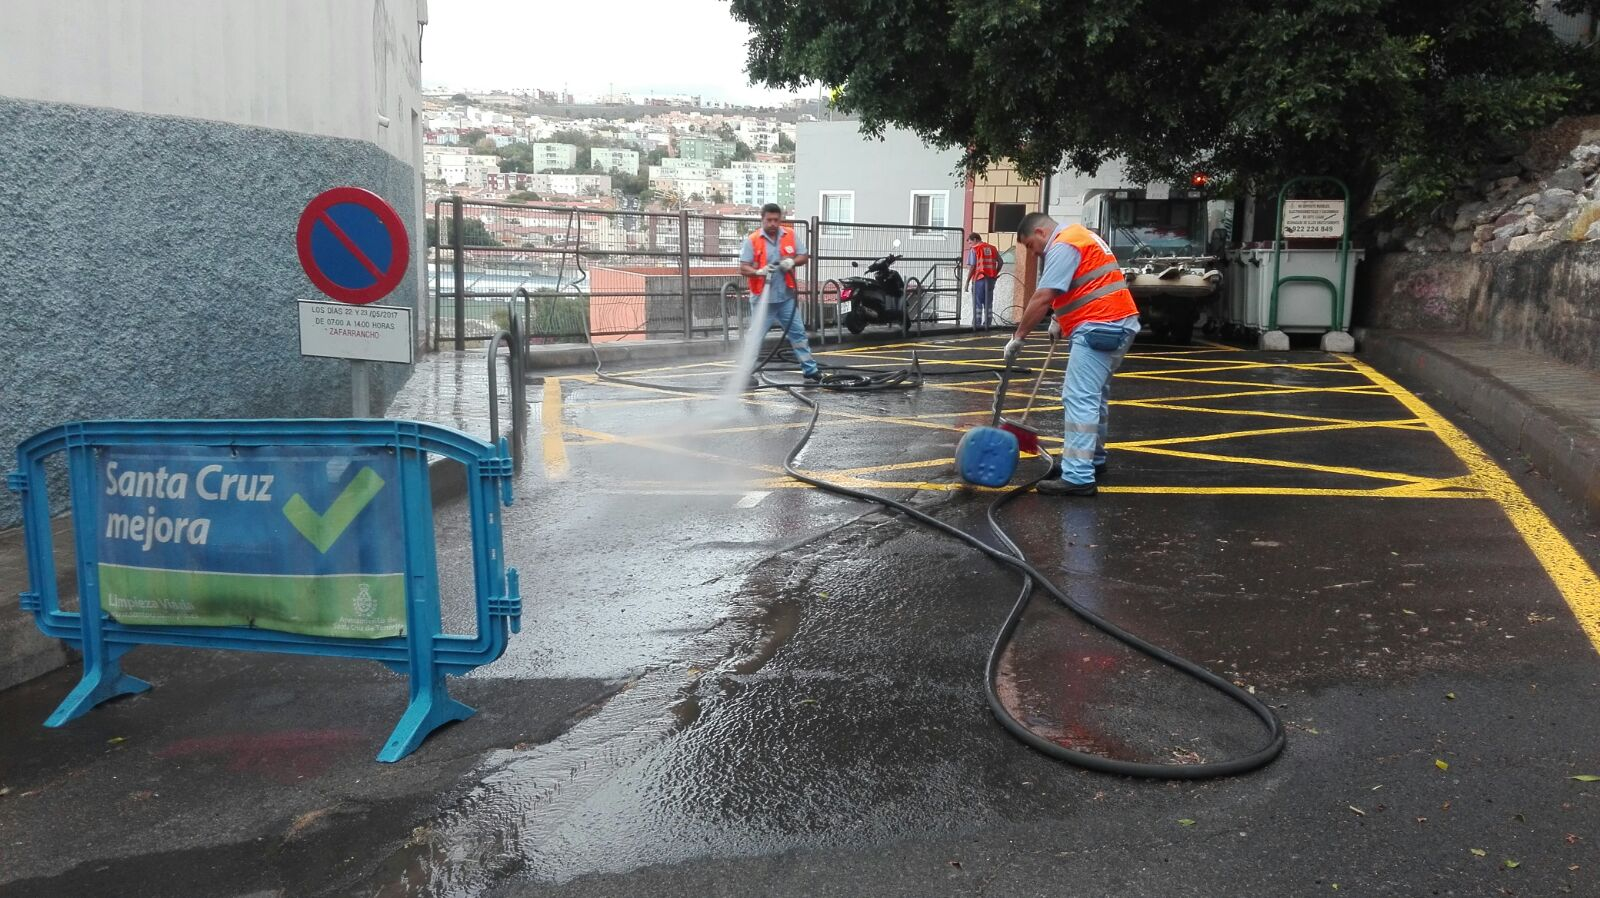 Operario de limpieza limpiando la calle en Barrio Nuevo de Santa Cruz de Tenerife